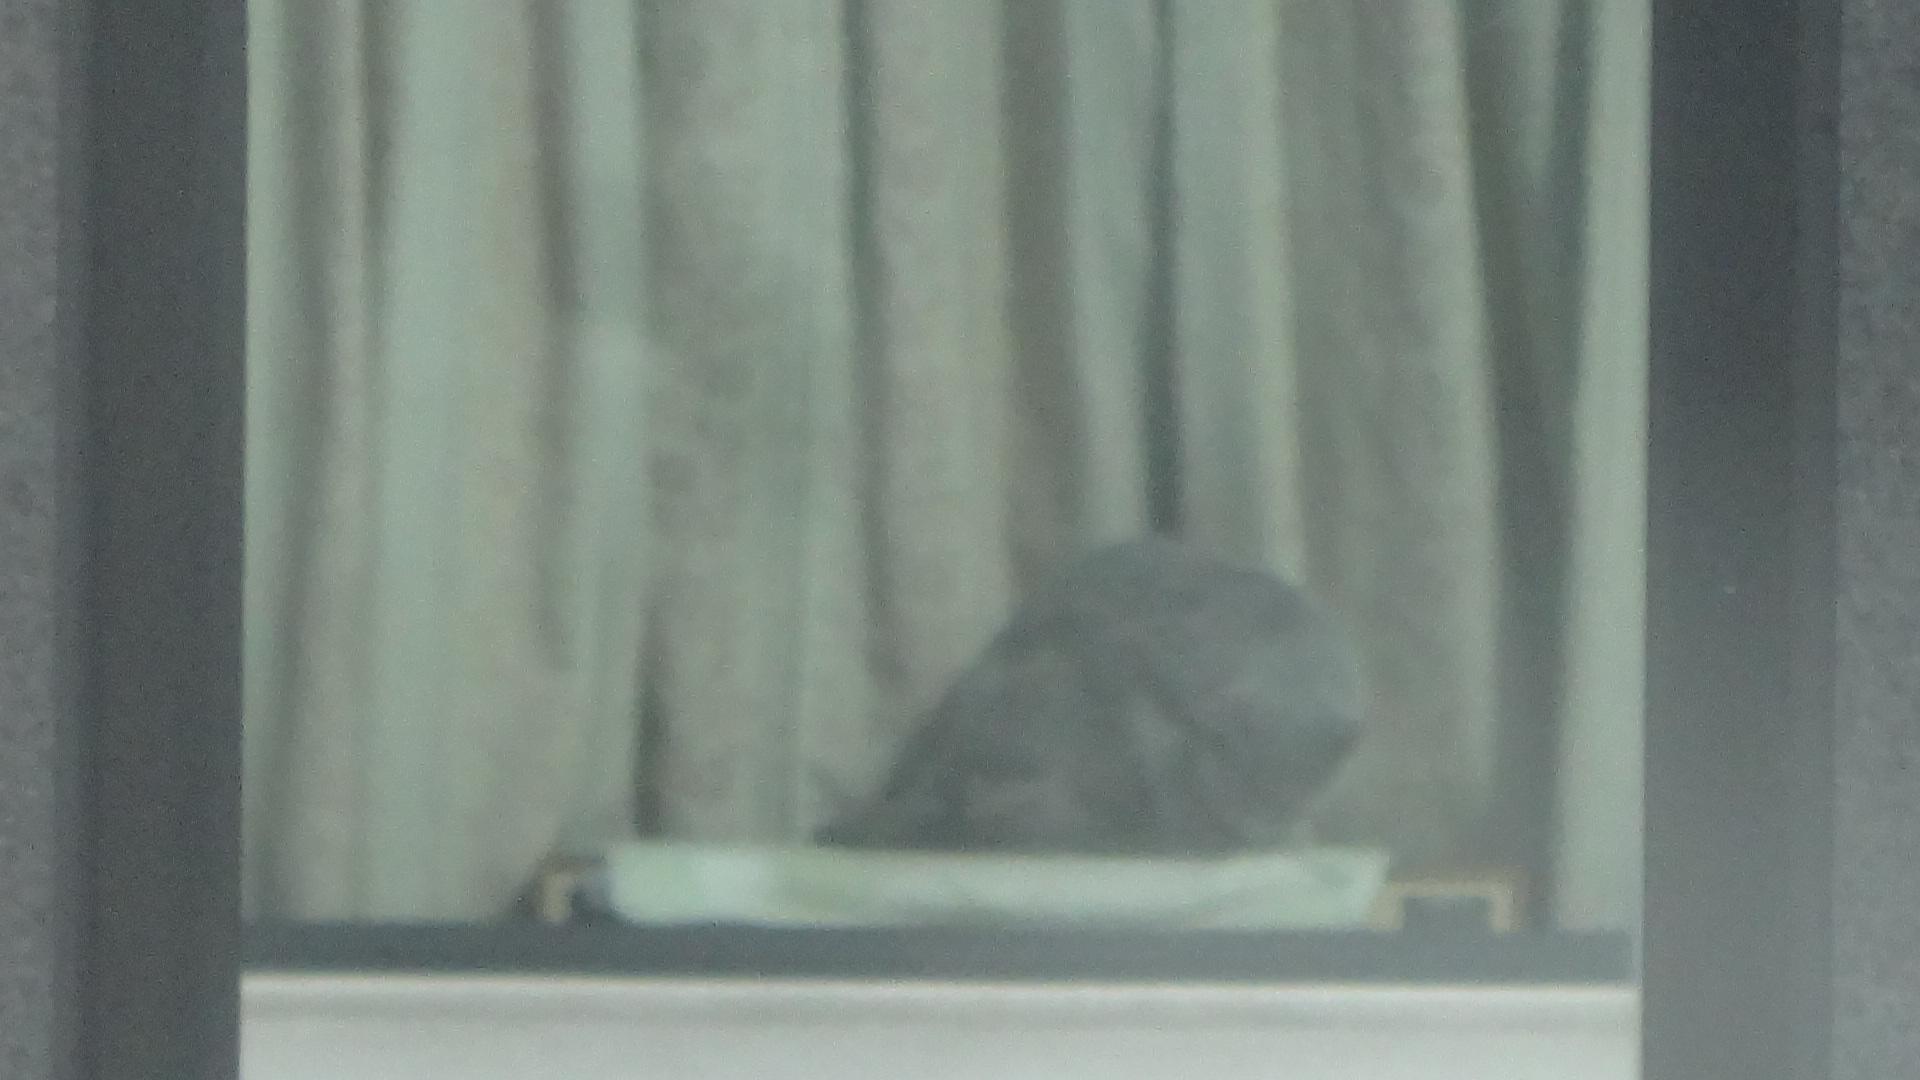 お向いさんのビルの窓に写る日光浴中のデイジー2